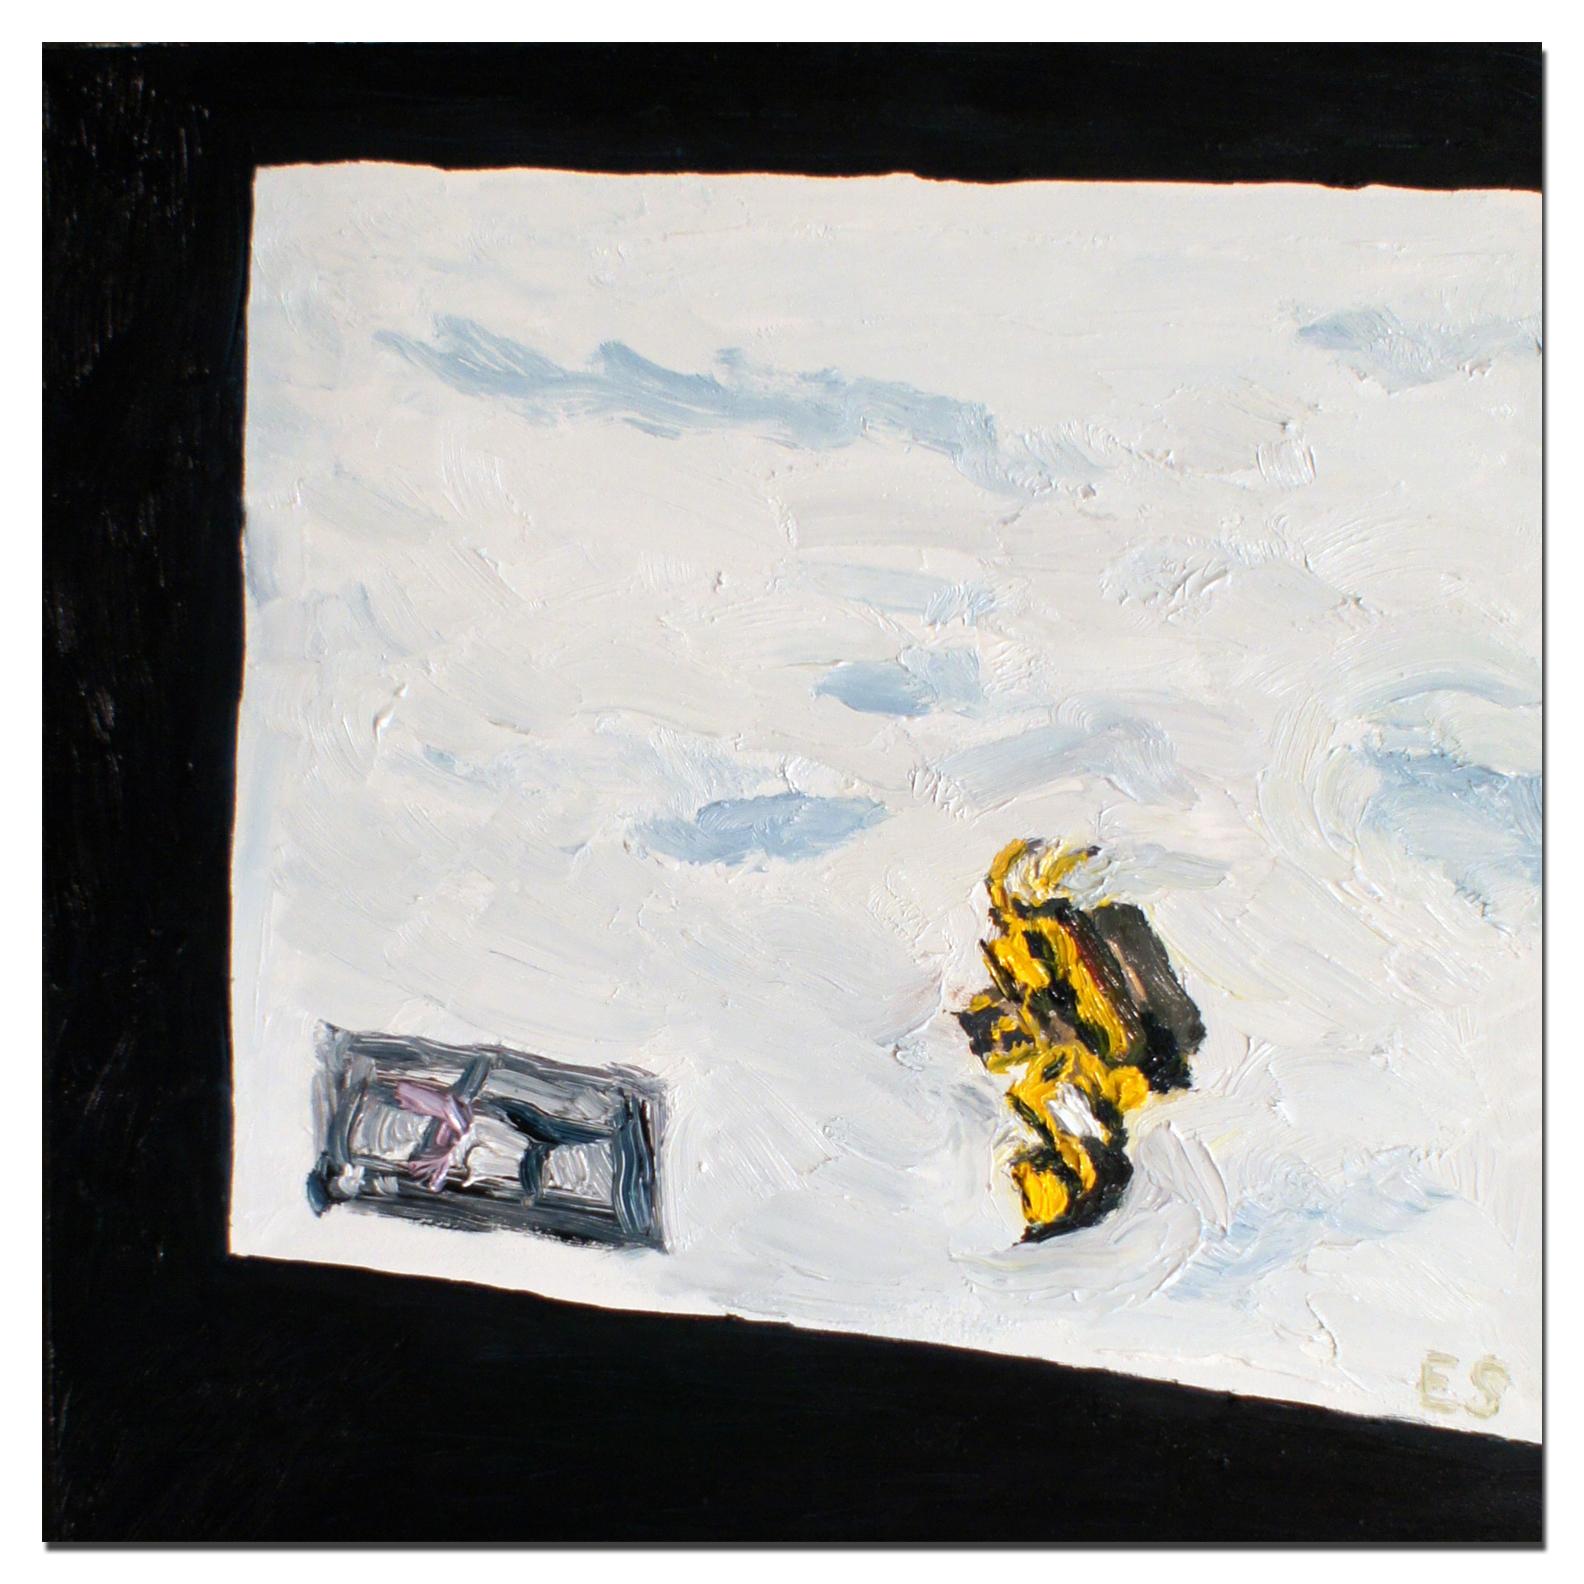 """Erik Sanner,  TheRobberGamer777s """"Ballet et GTAV"""" at 17 Seconds,  oil paint on masonite, 10""""x10"""""""